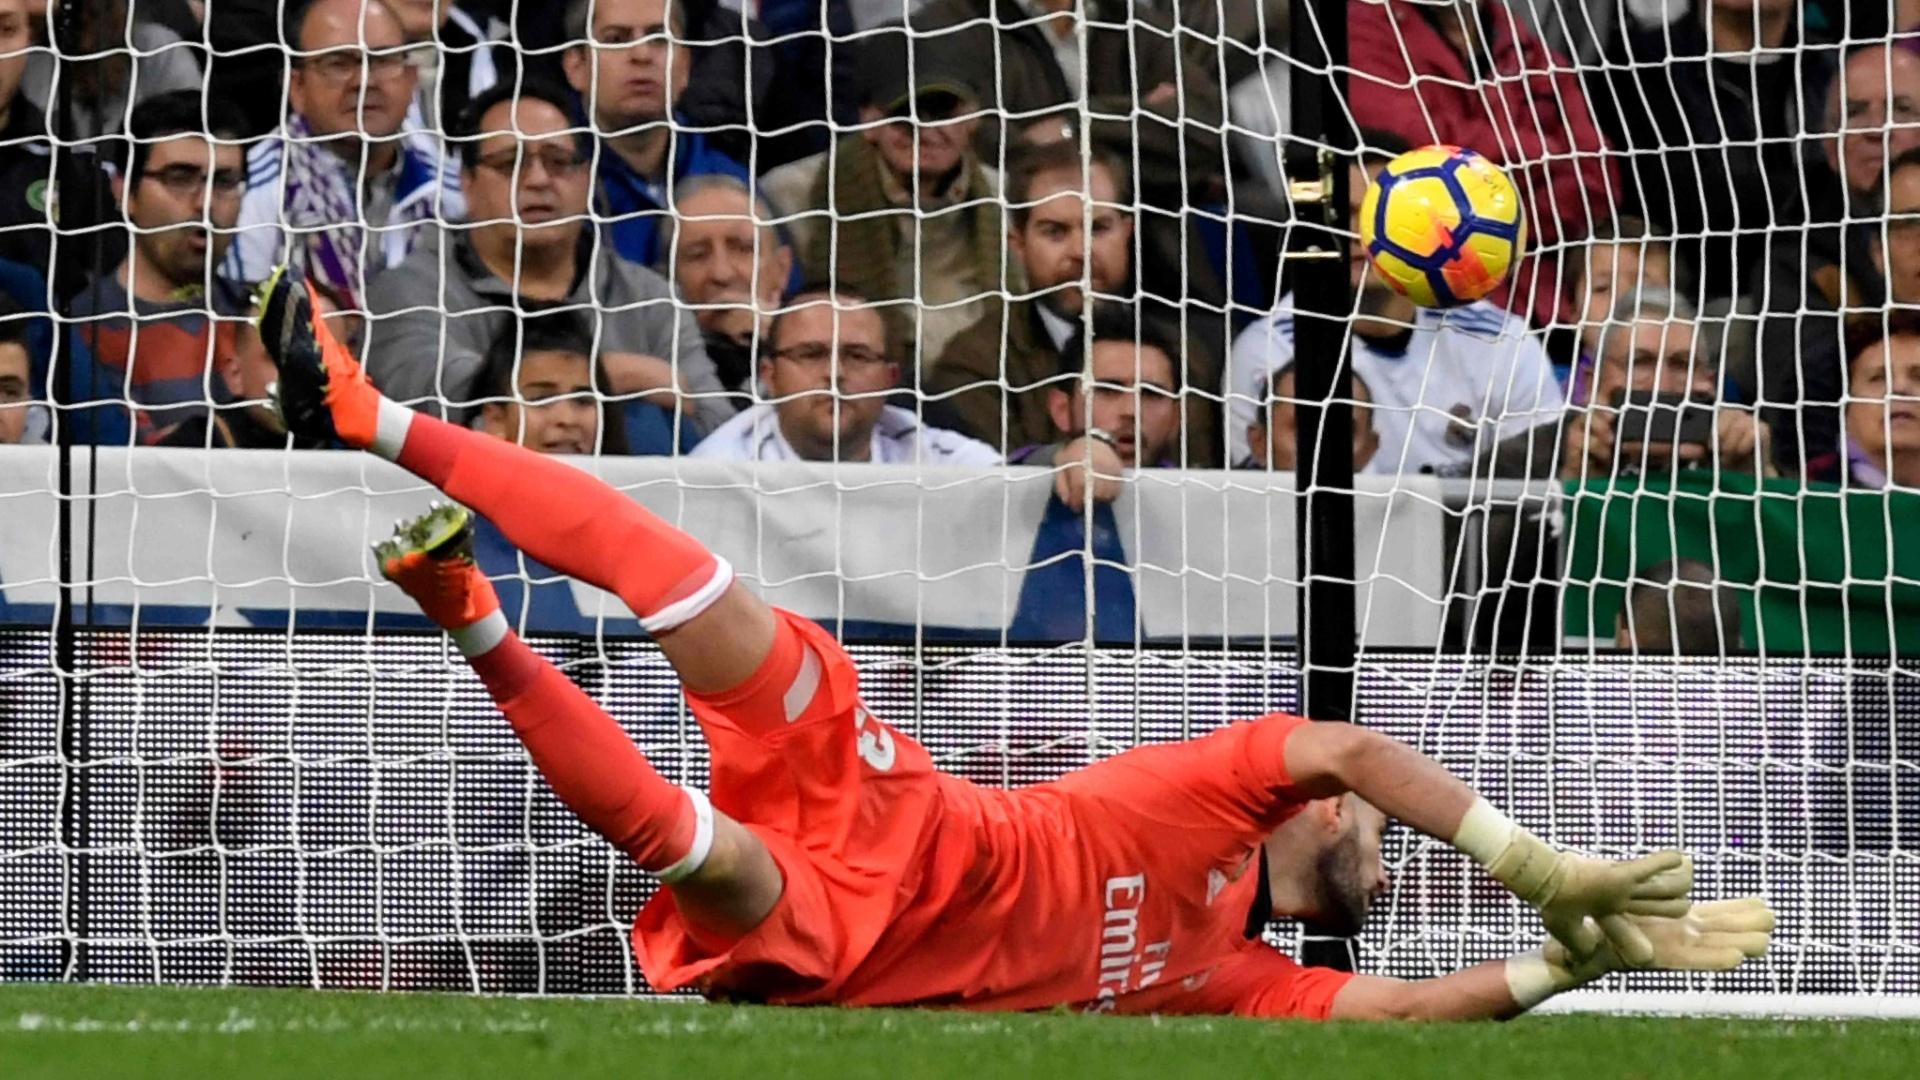 O goleiro Casilla, do Real Madrid, falha em chute de Castro, do Málaga